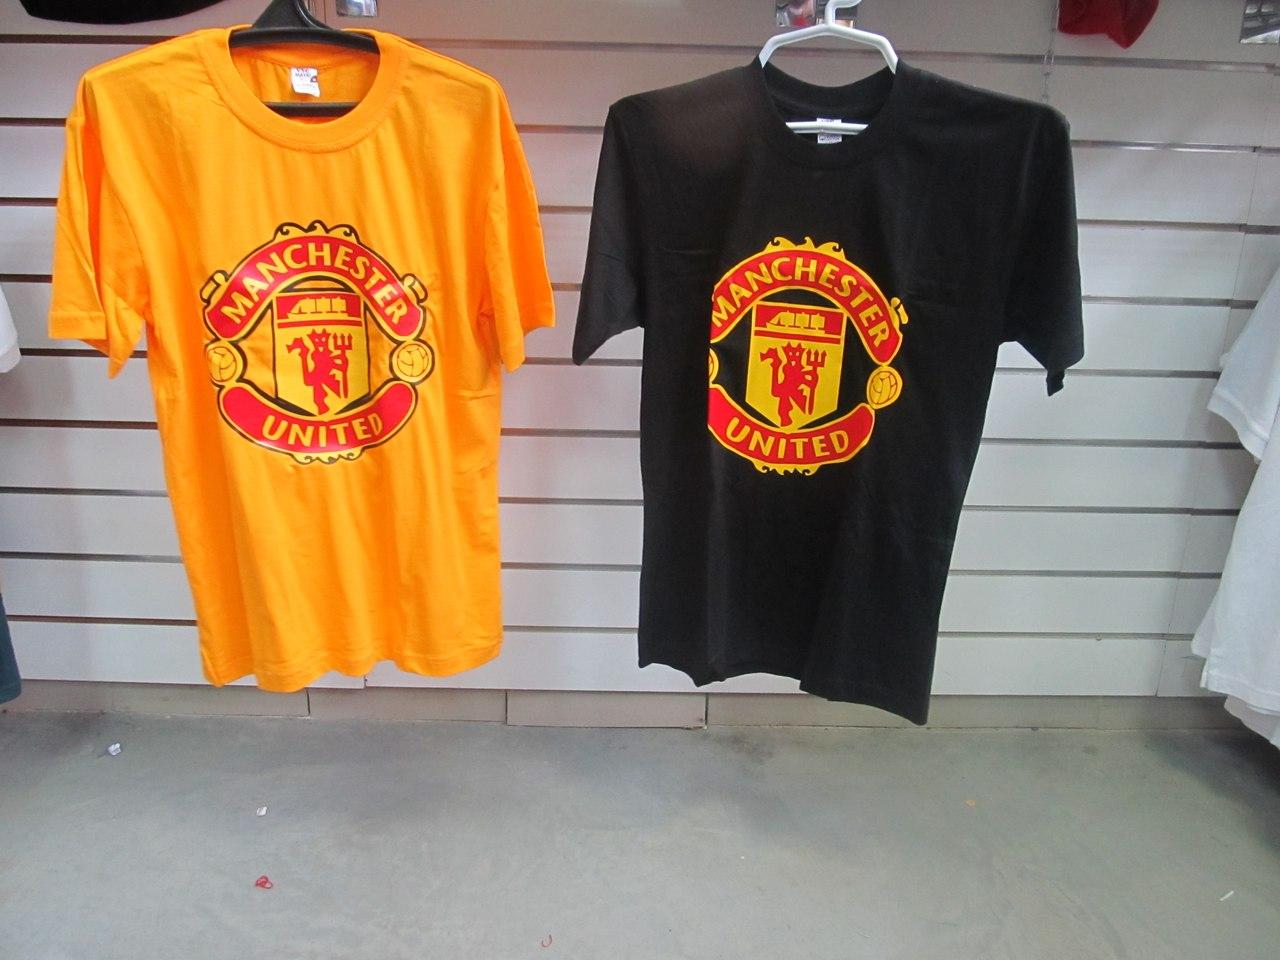 ... Футболка футбольного клуба Манчестер Юнайтед. Цвета  черная, желтая.  Фирменные магазины спортивной одежды ... 740062a4680